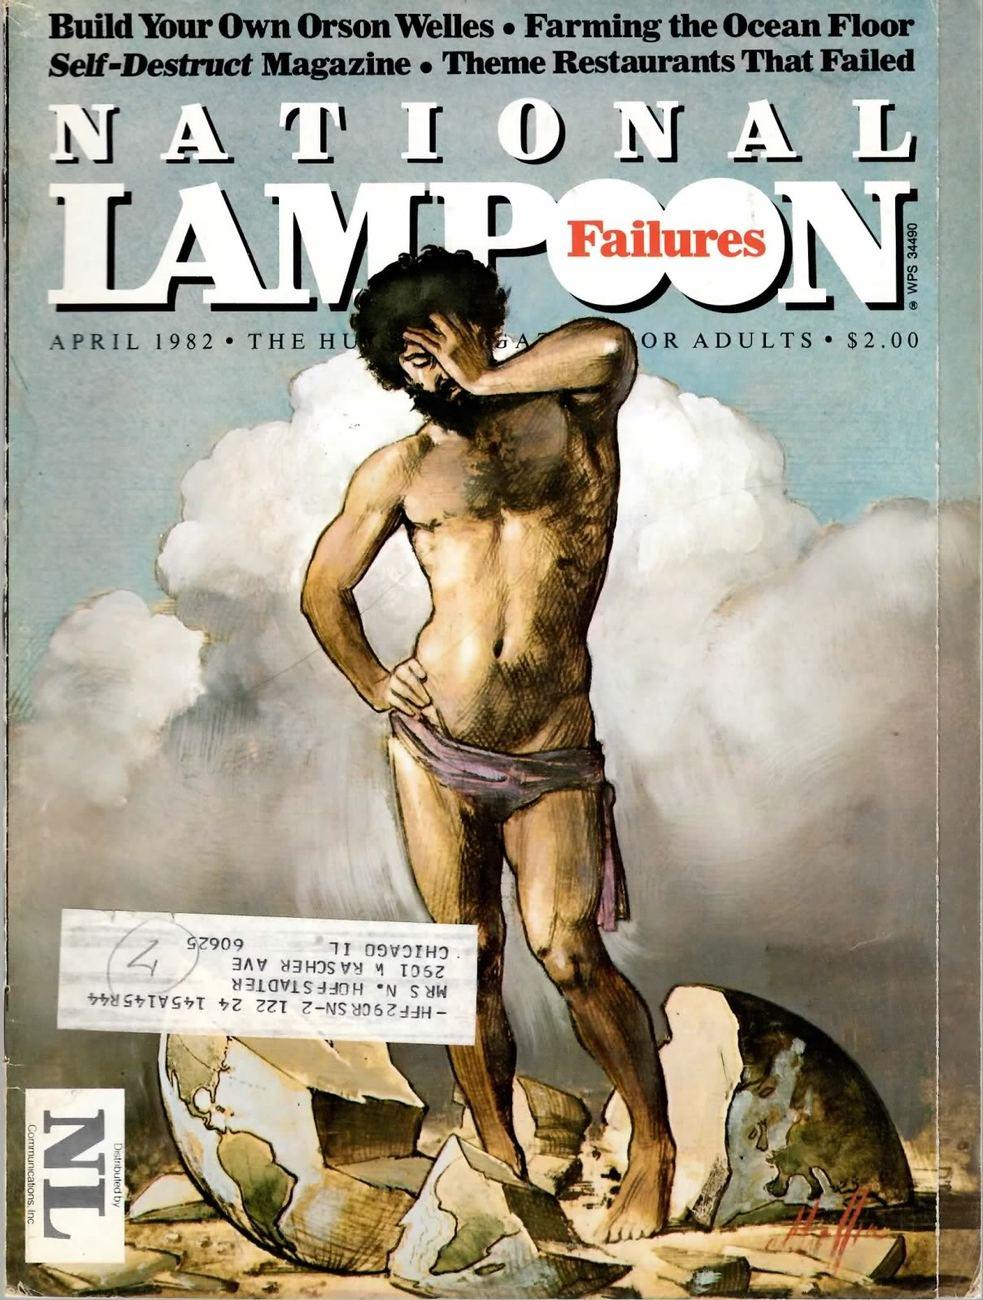 NATIONAL LAMPOON VOL 2 #45 APR 1982 FINE RARE